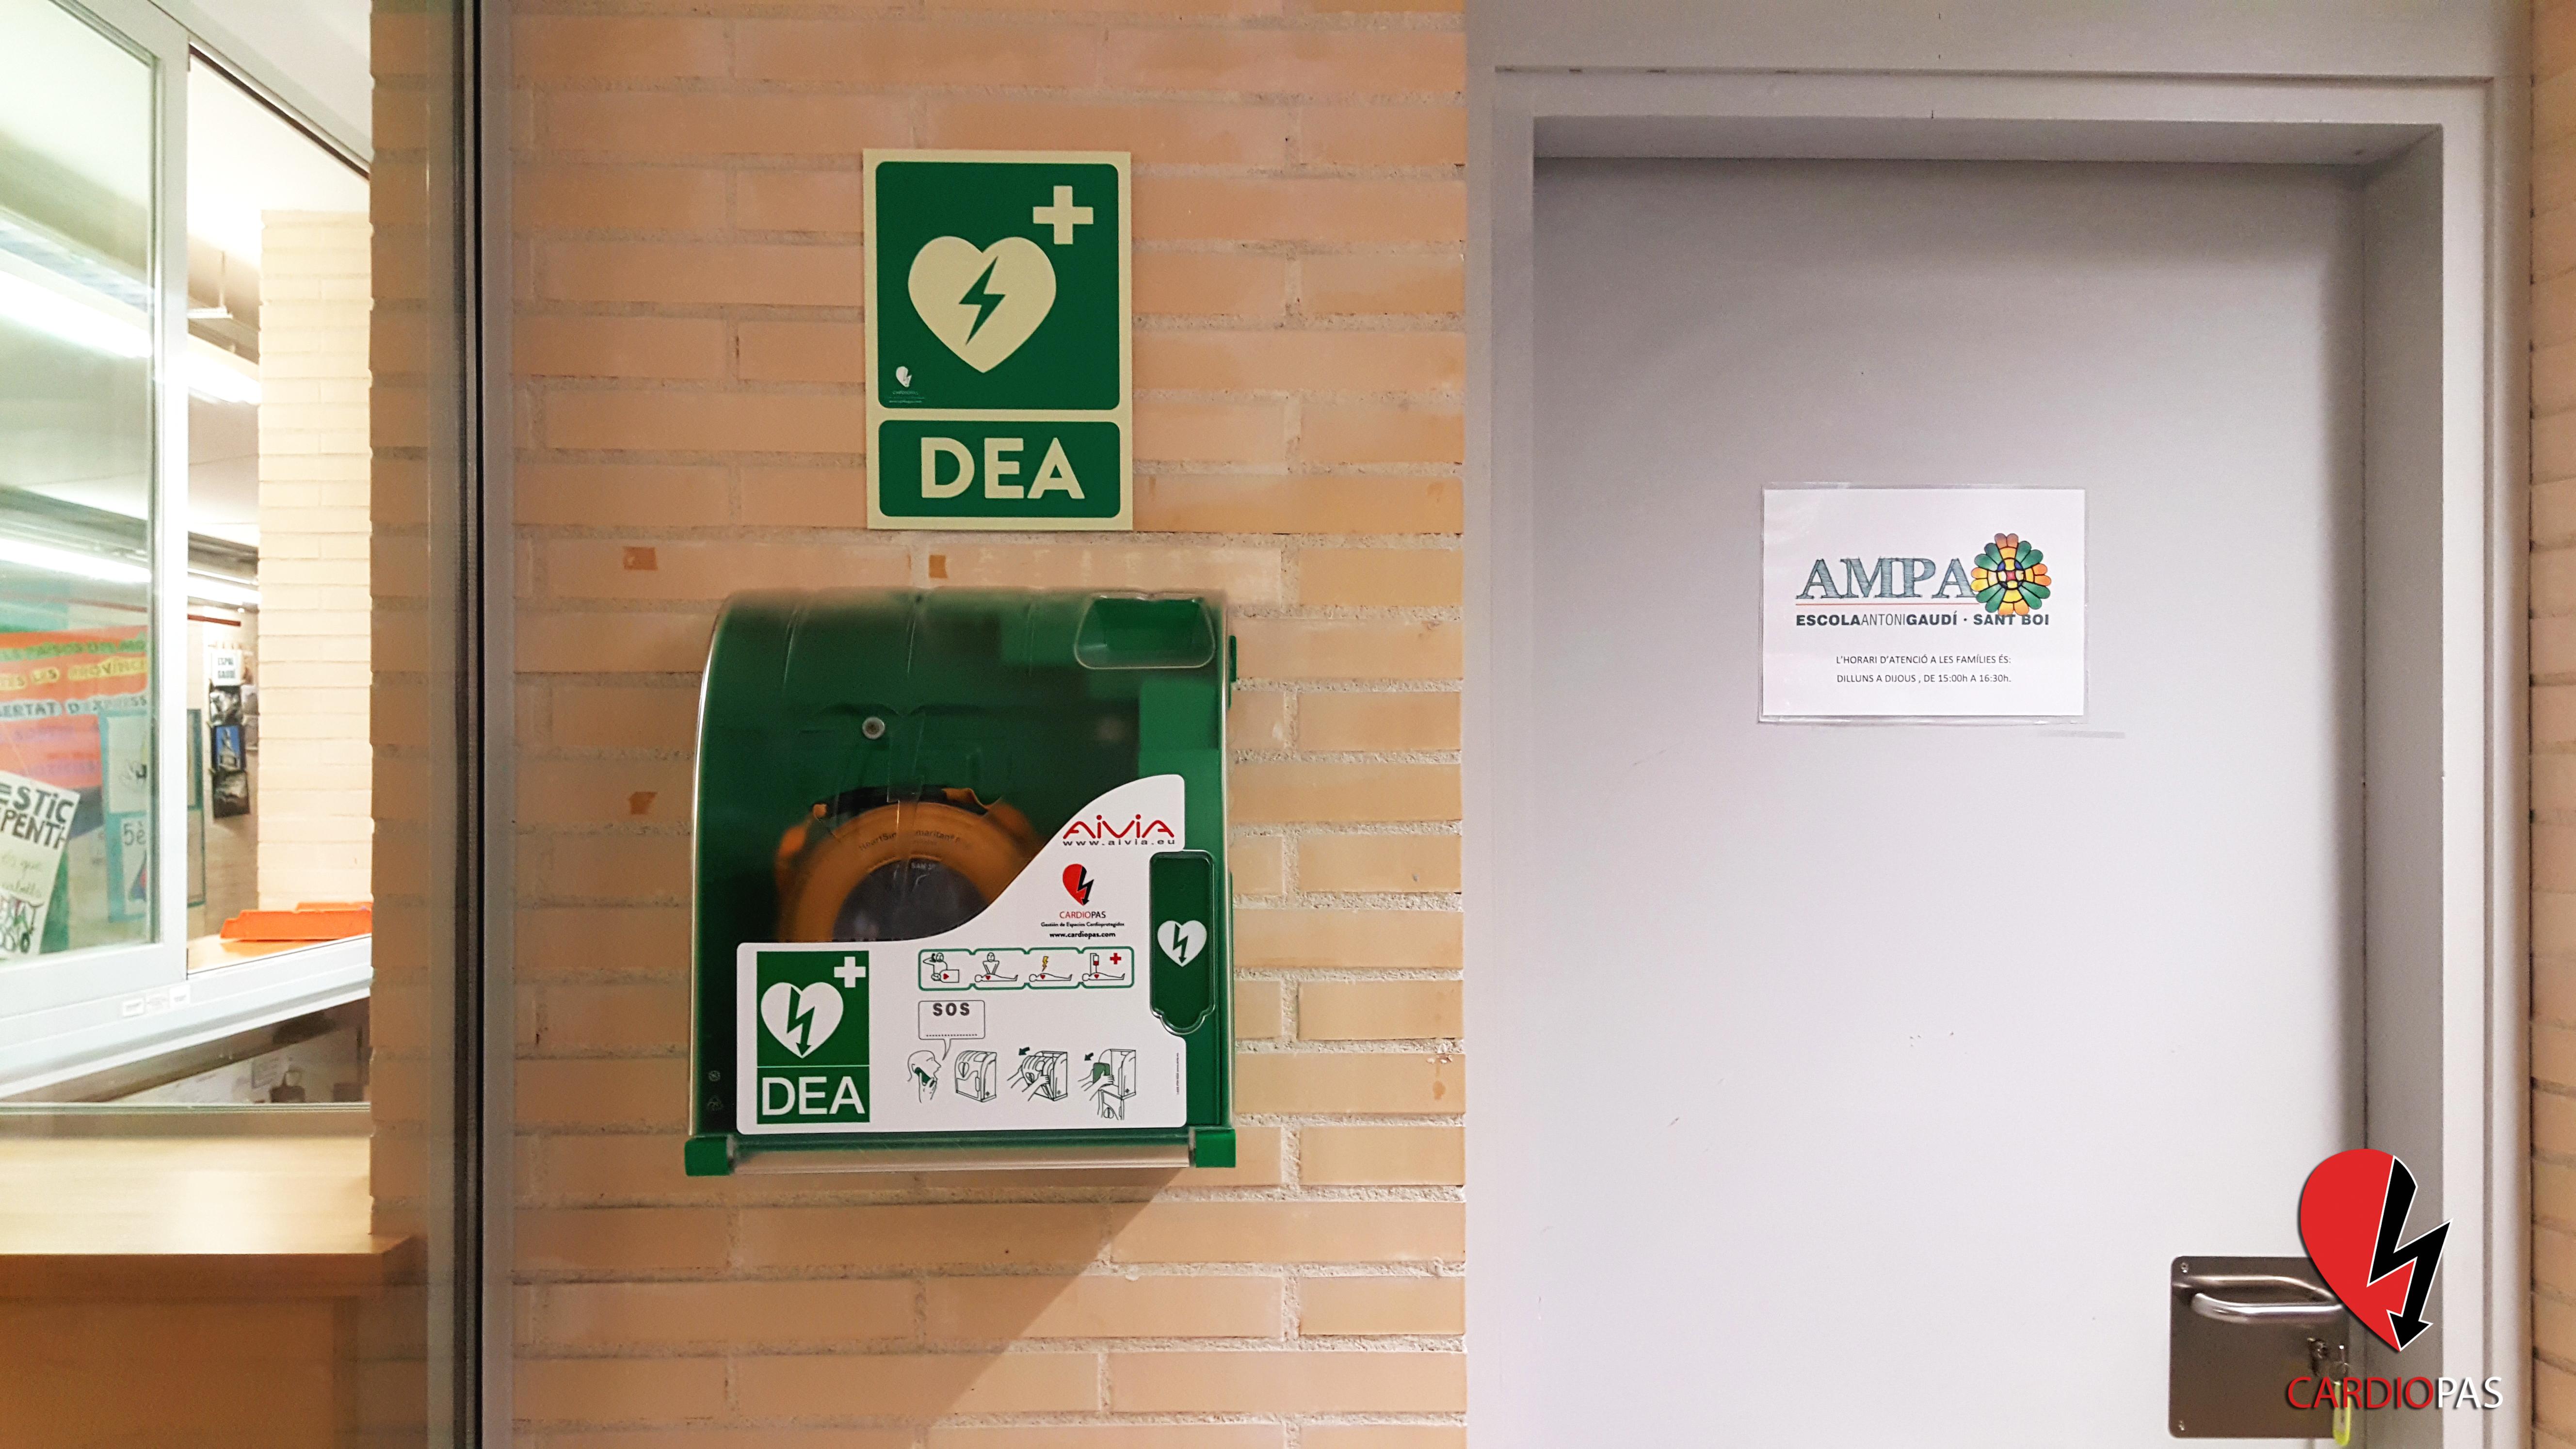 Desde el pasado 22 de enero, la escuela de educación infantil y primaria Antoni Gaudí es un nuevo Espacio Cardioprotegido, convirtiéndose de este modo en una de las primeras escuelas… Leer más